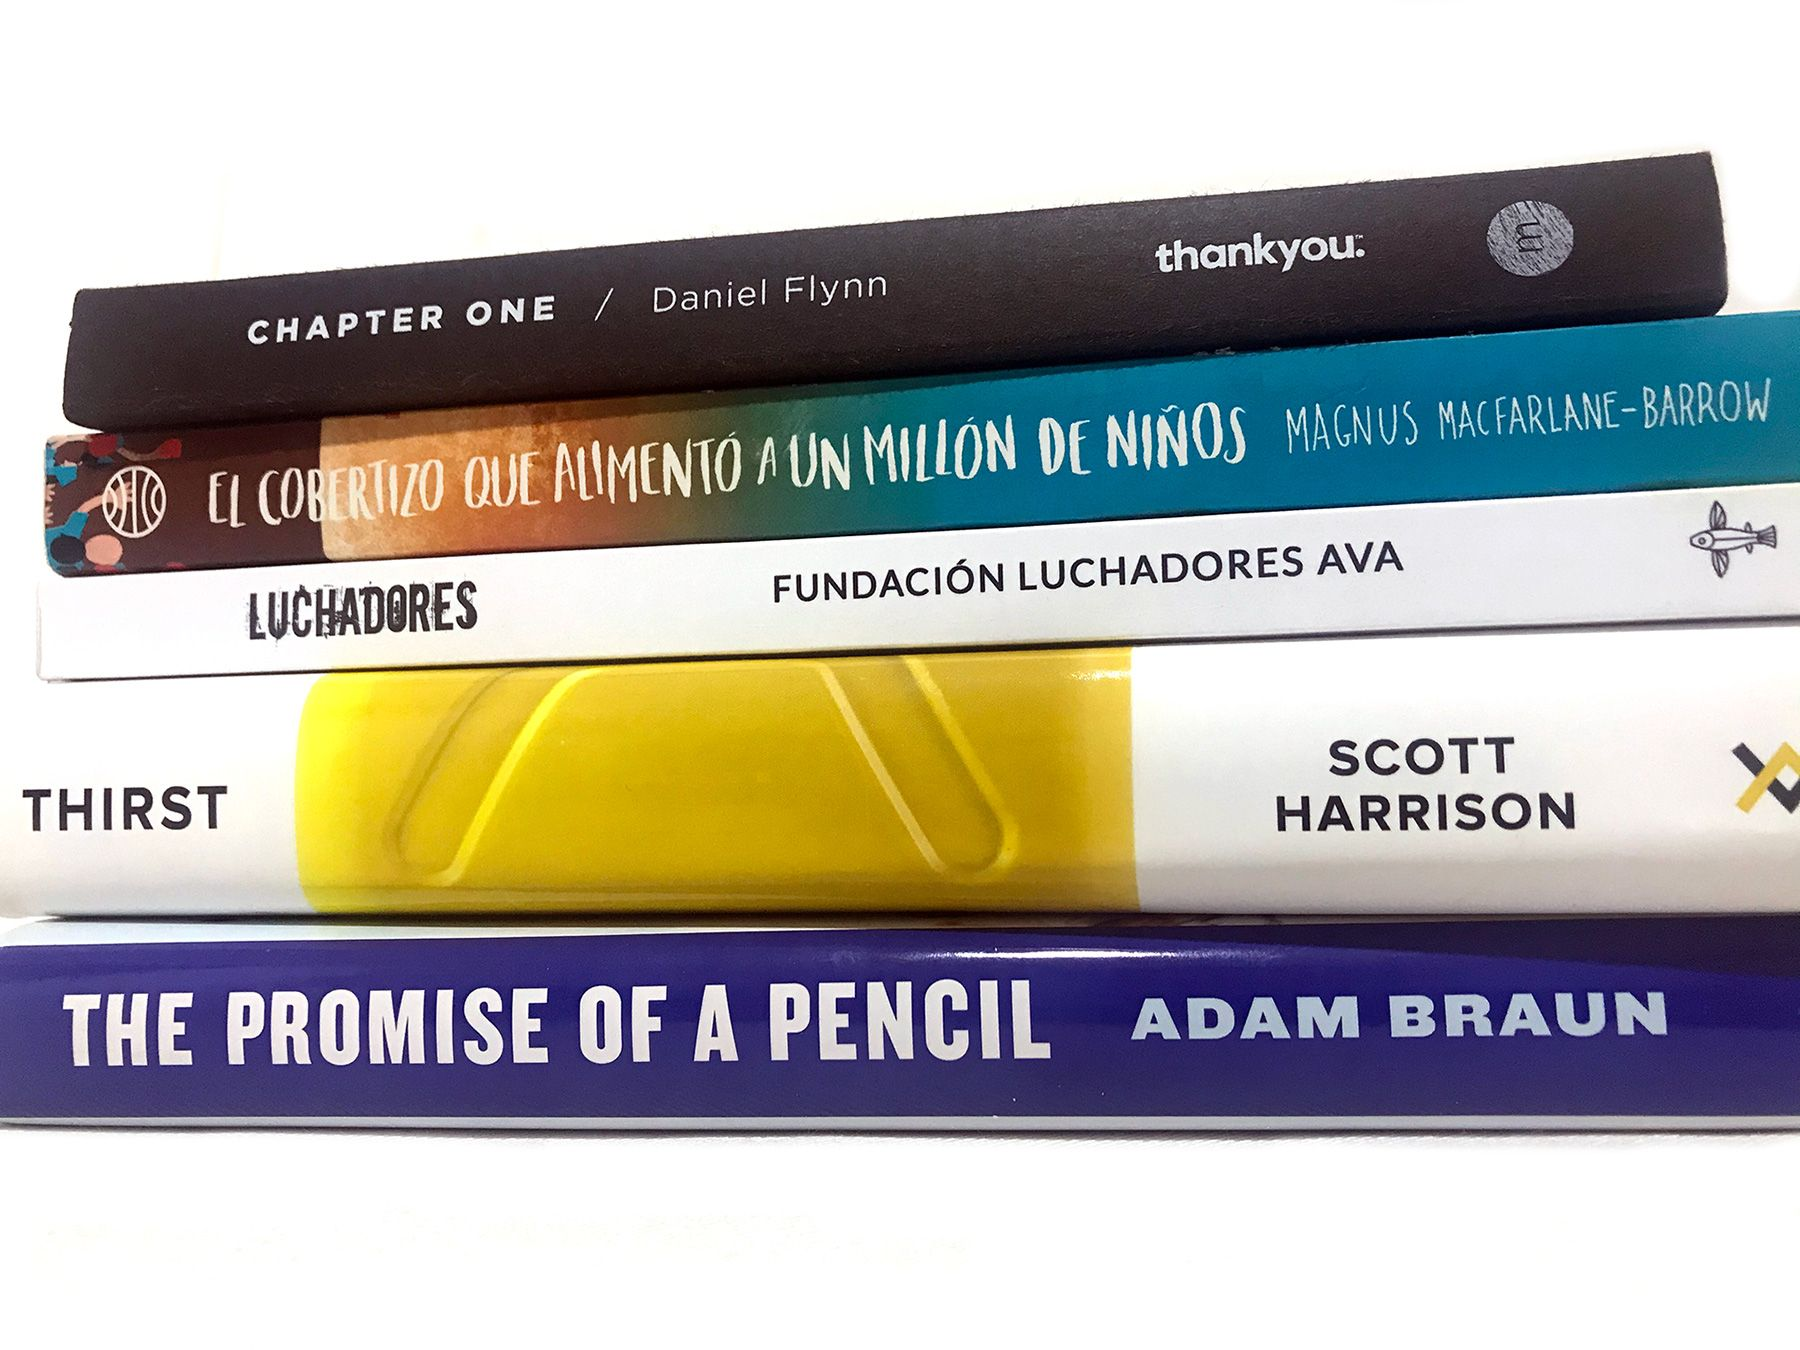 Libros para cambiar el mundo